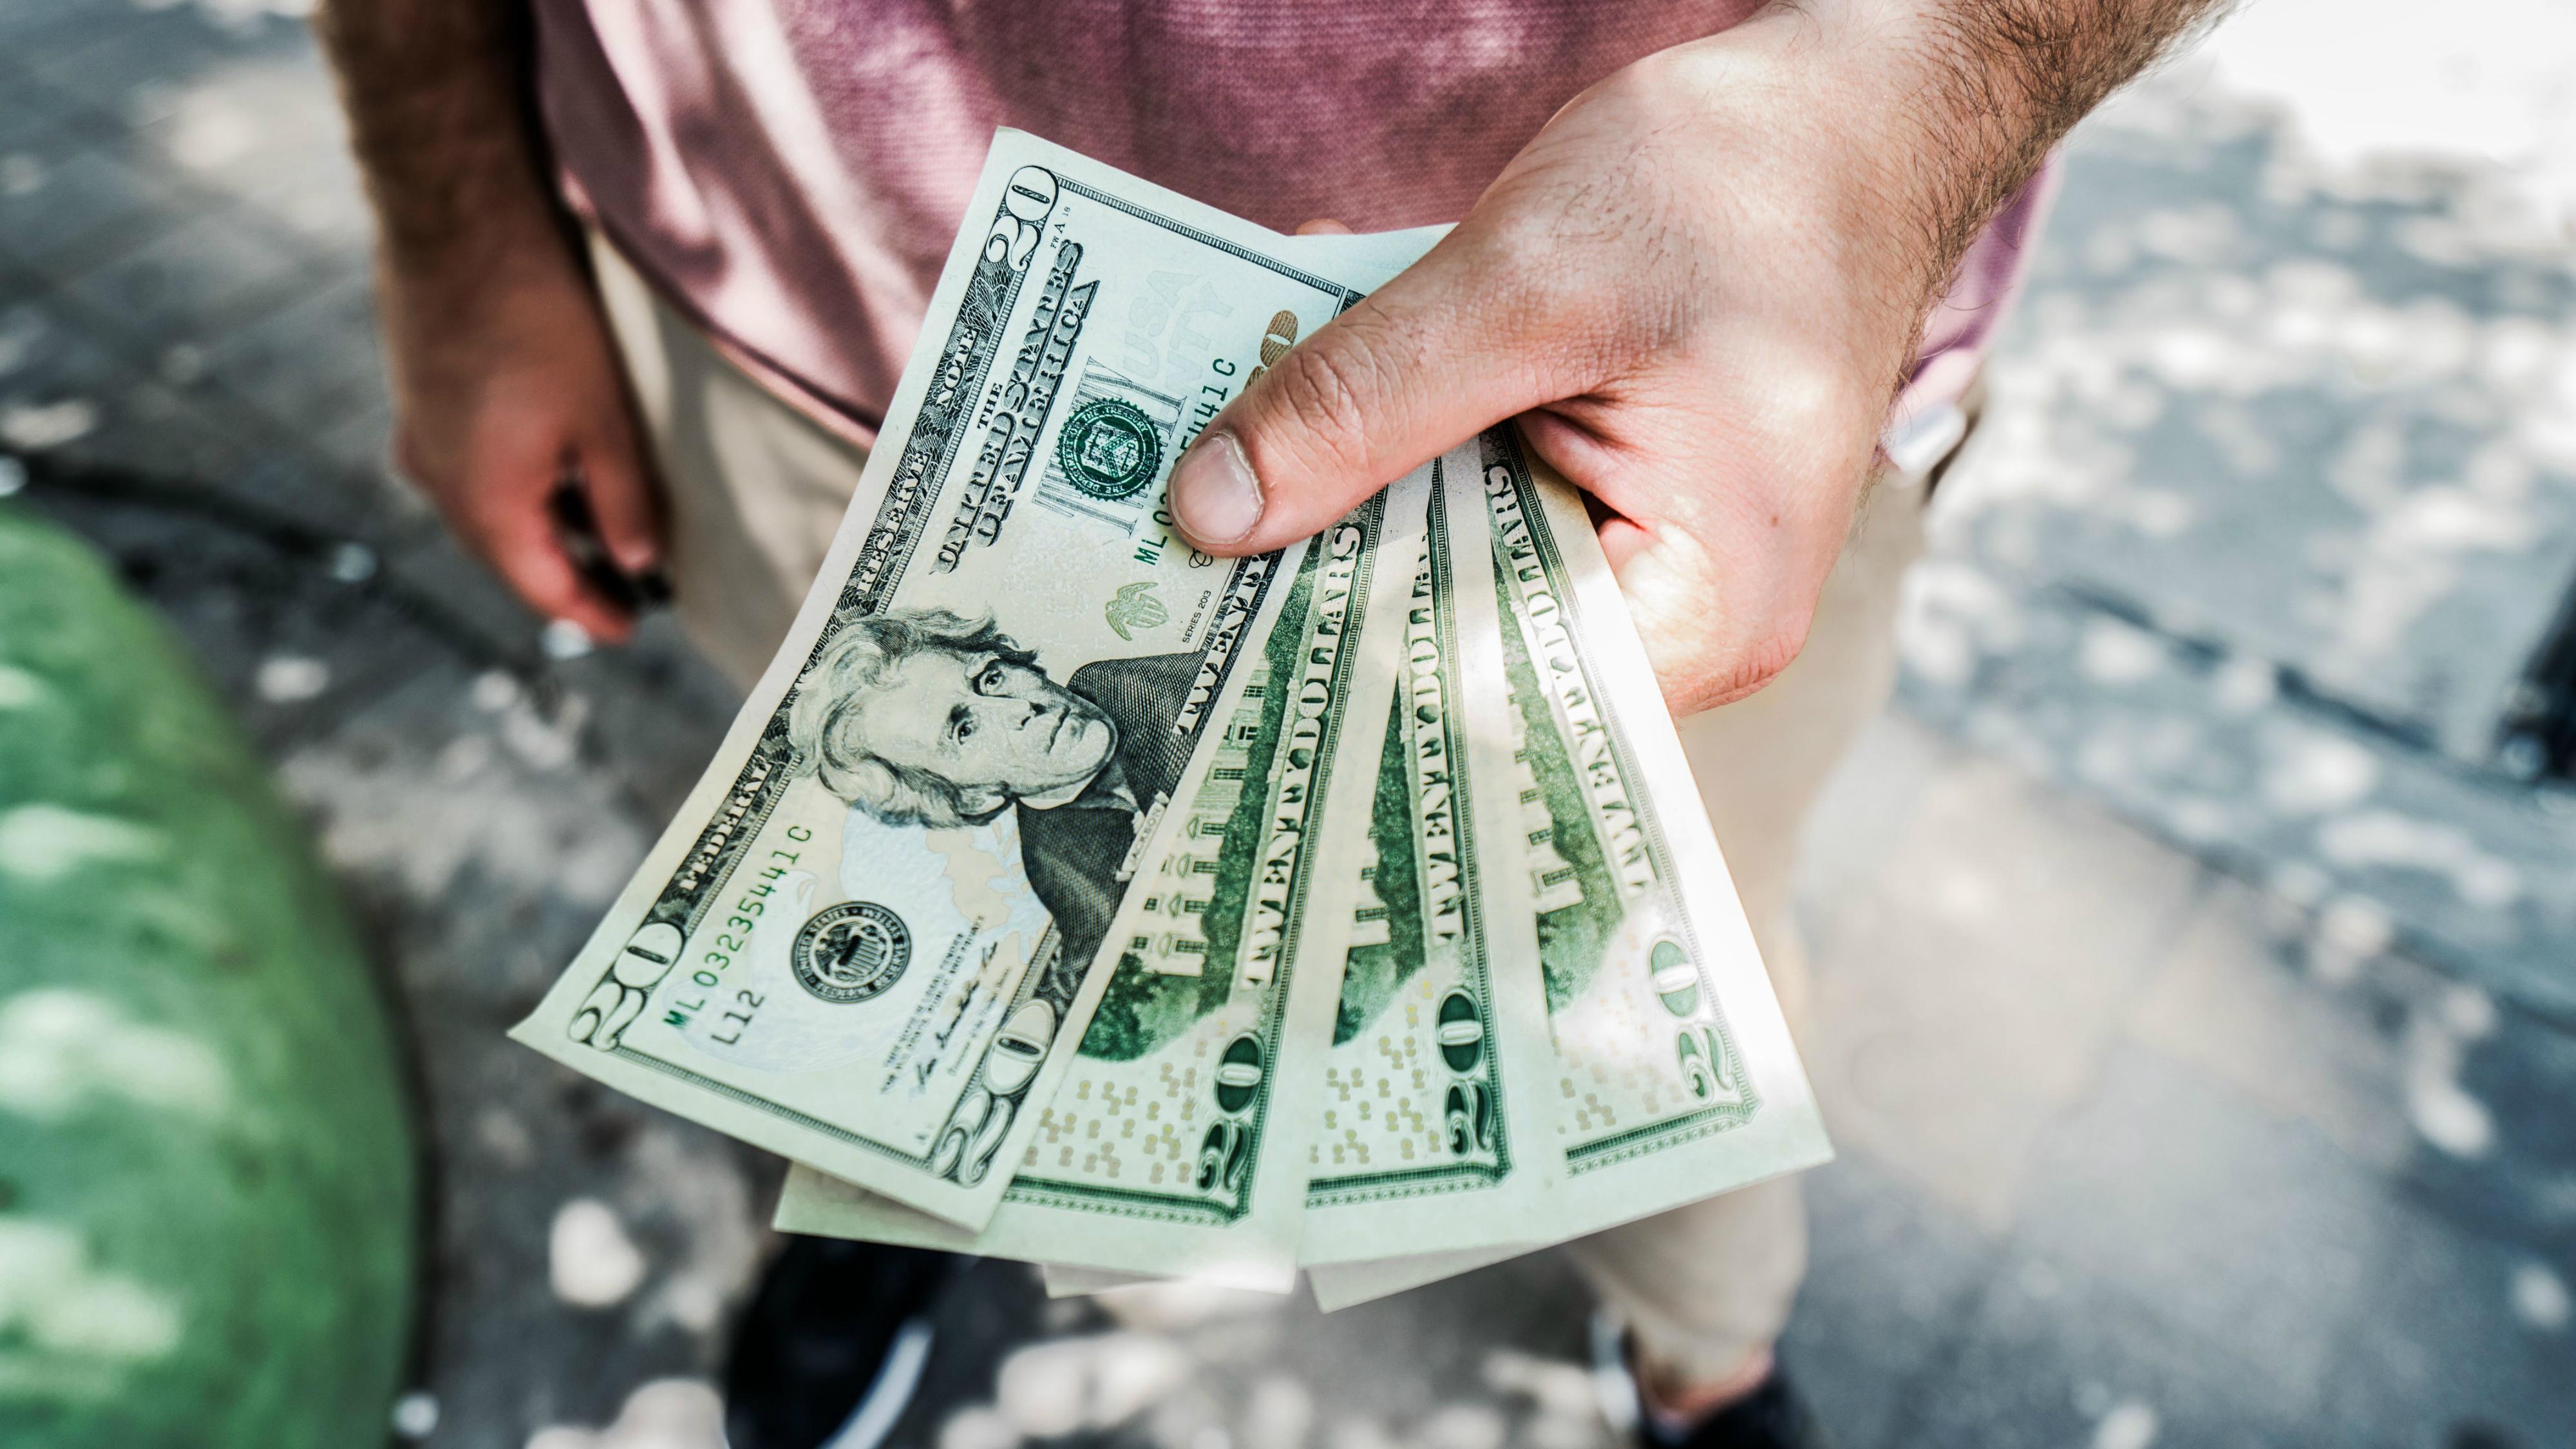 np jūs varat ātri nopelnīt naudu Interneta ieņēmumi ir ļoti labi